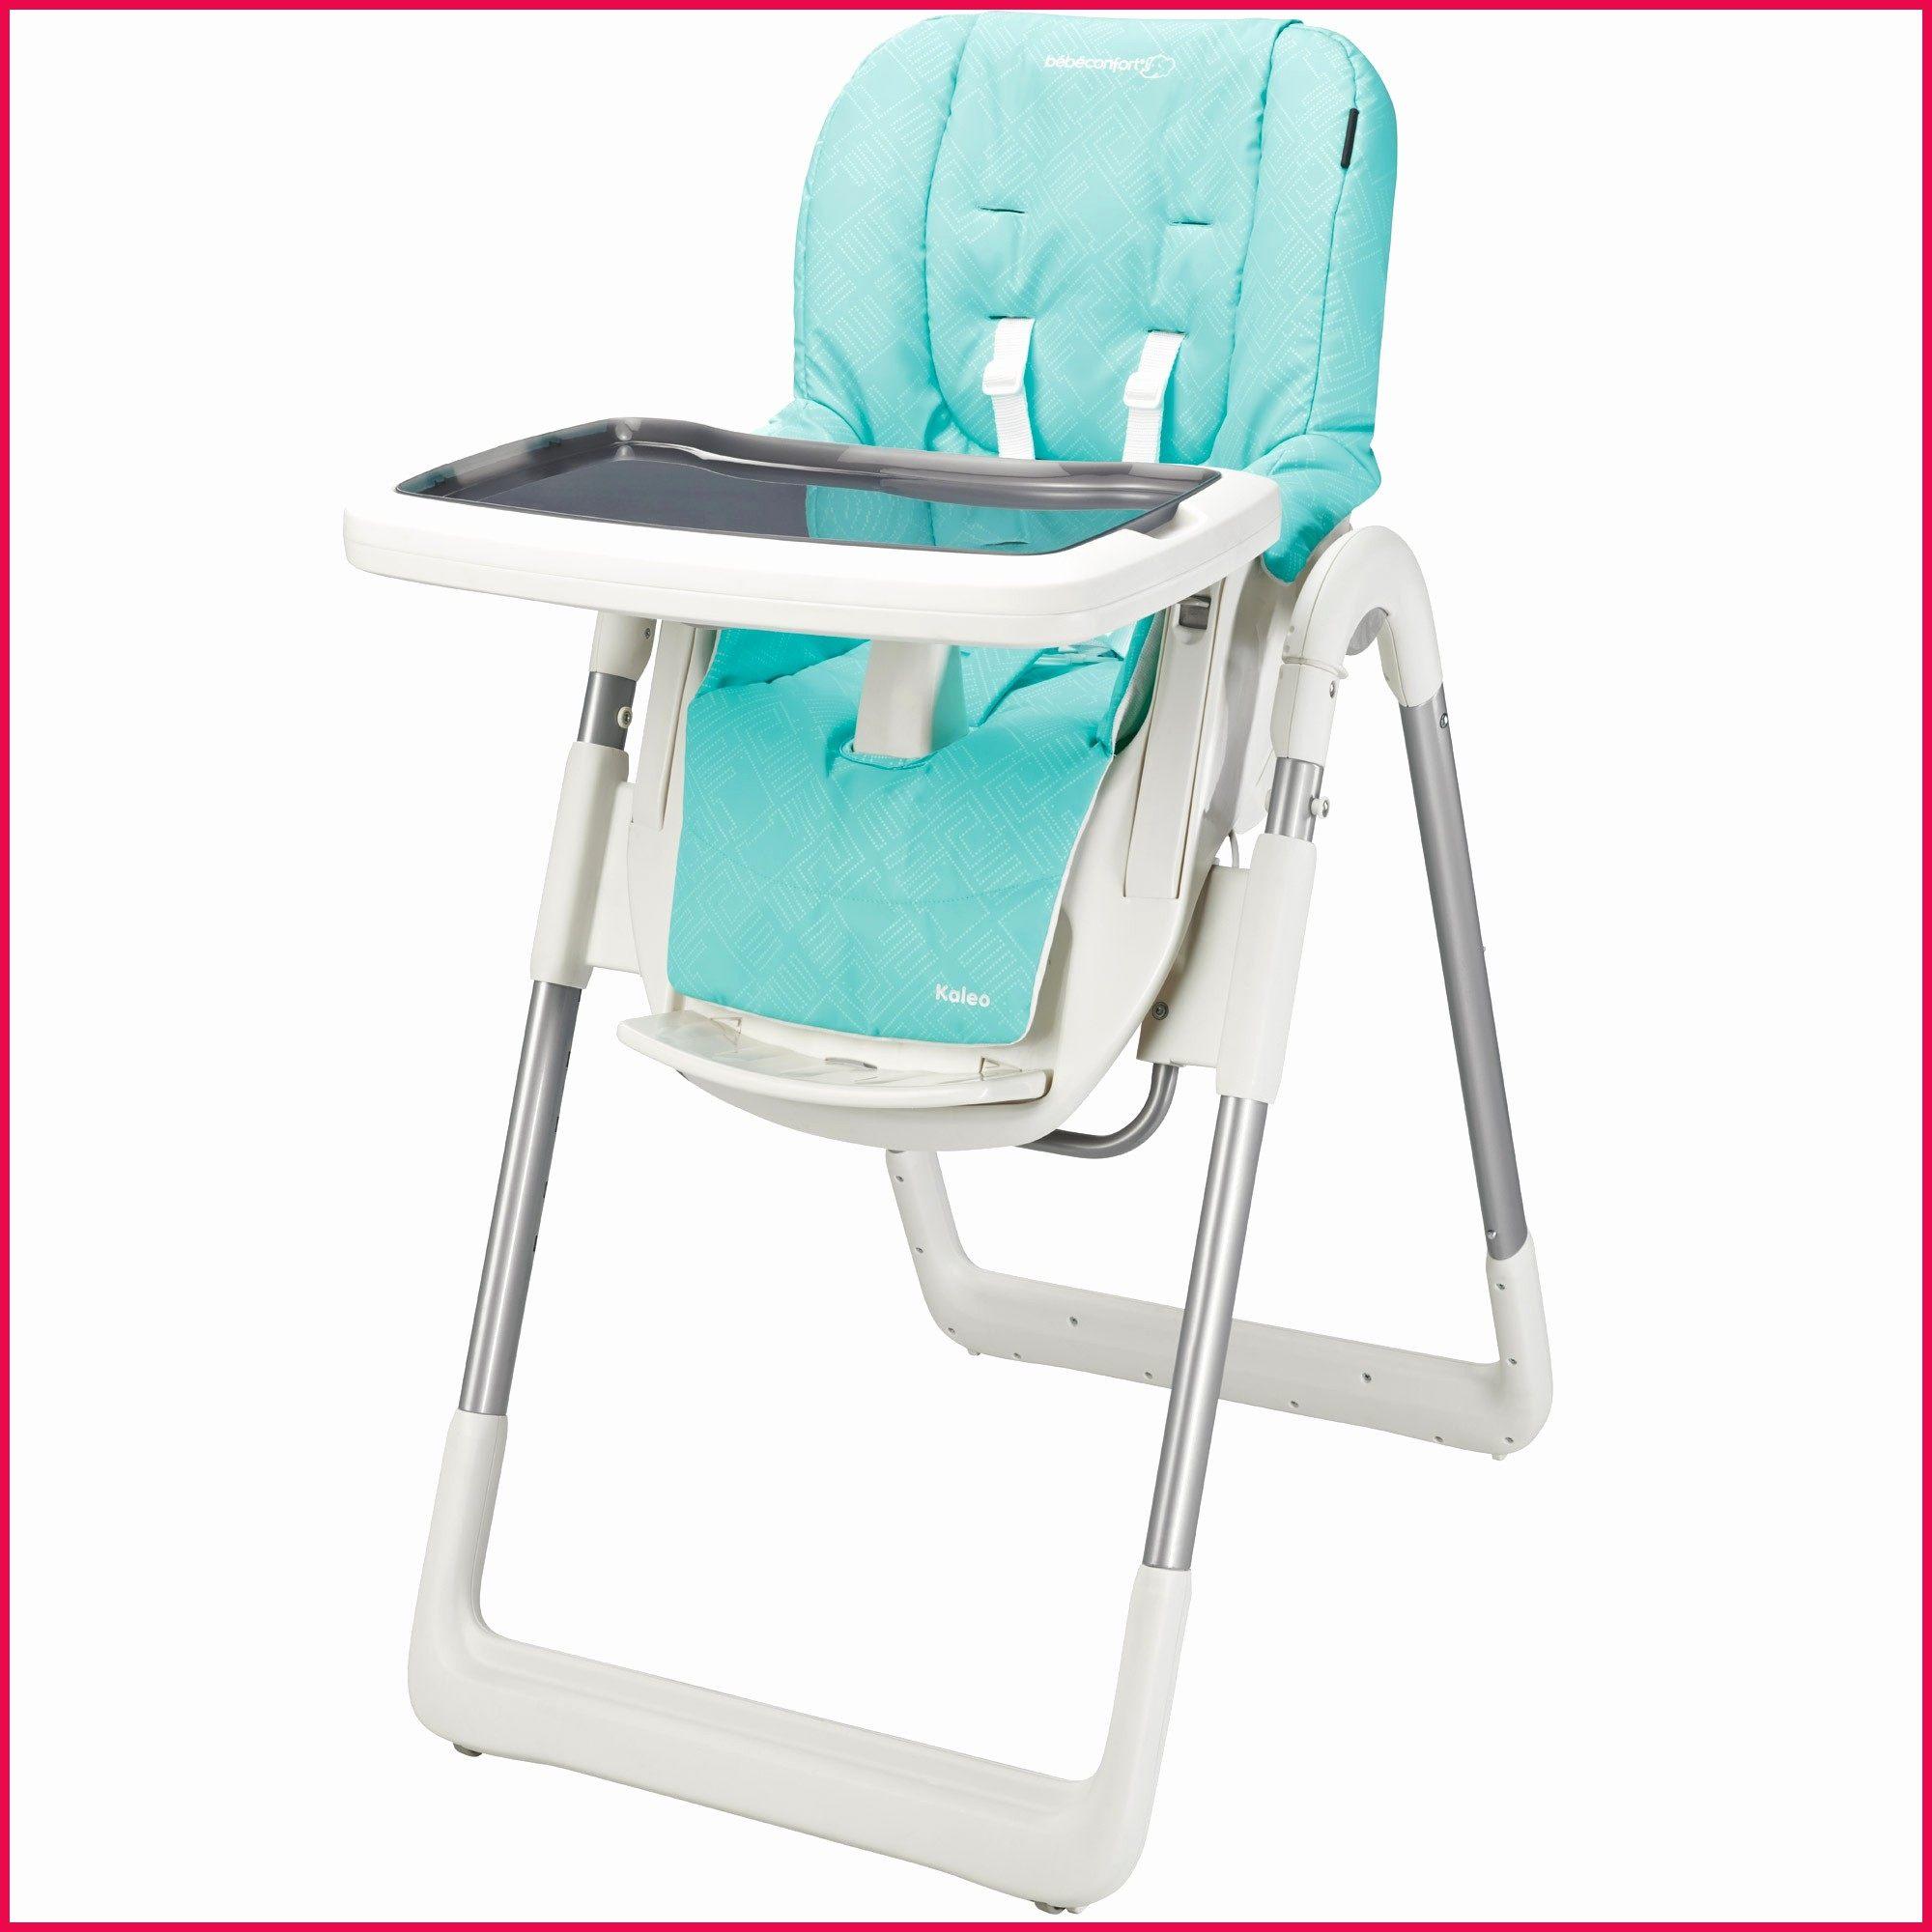 Lit Bébé Transformable Douce Chaise Haute Bébé Pliante Elegant Lit Bébé Transformable Inspirant